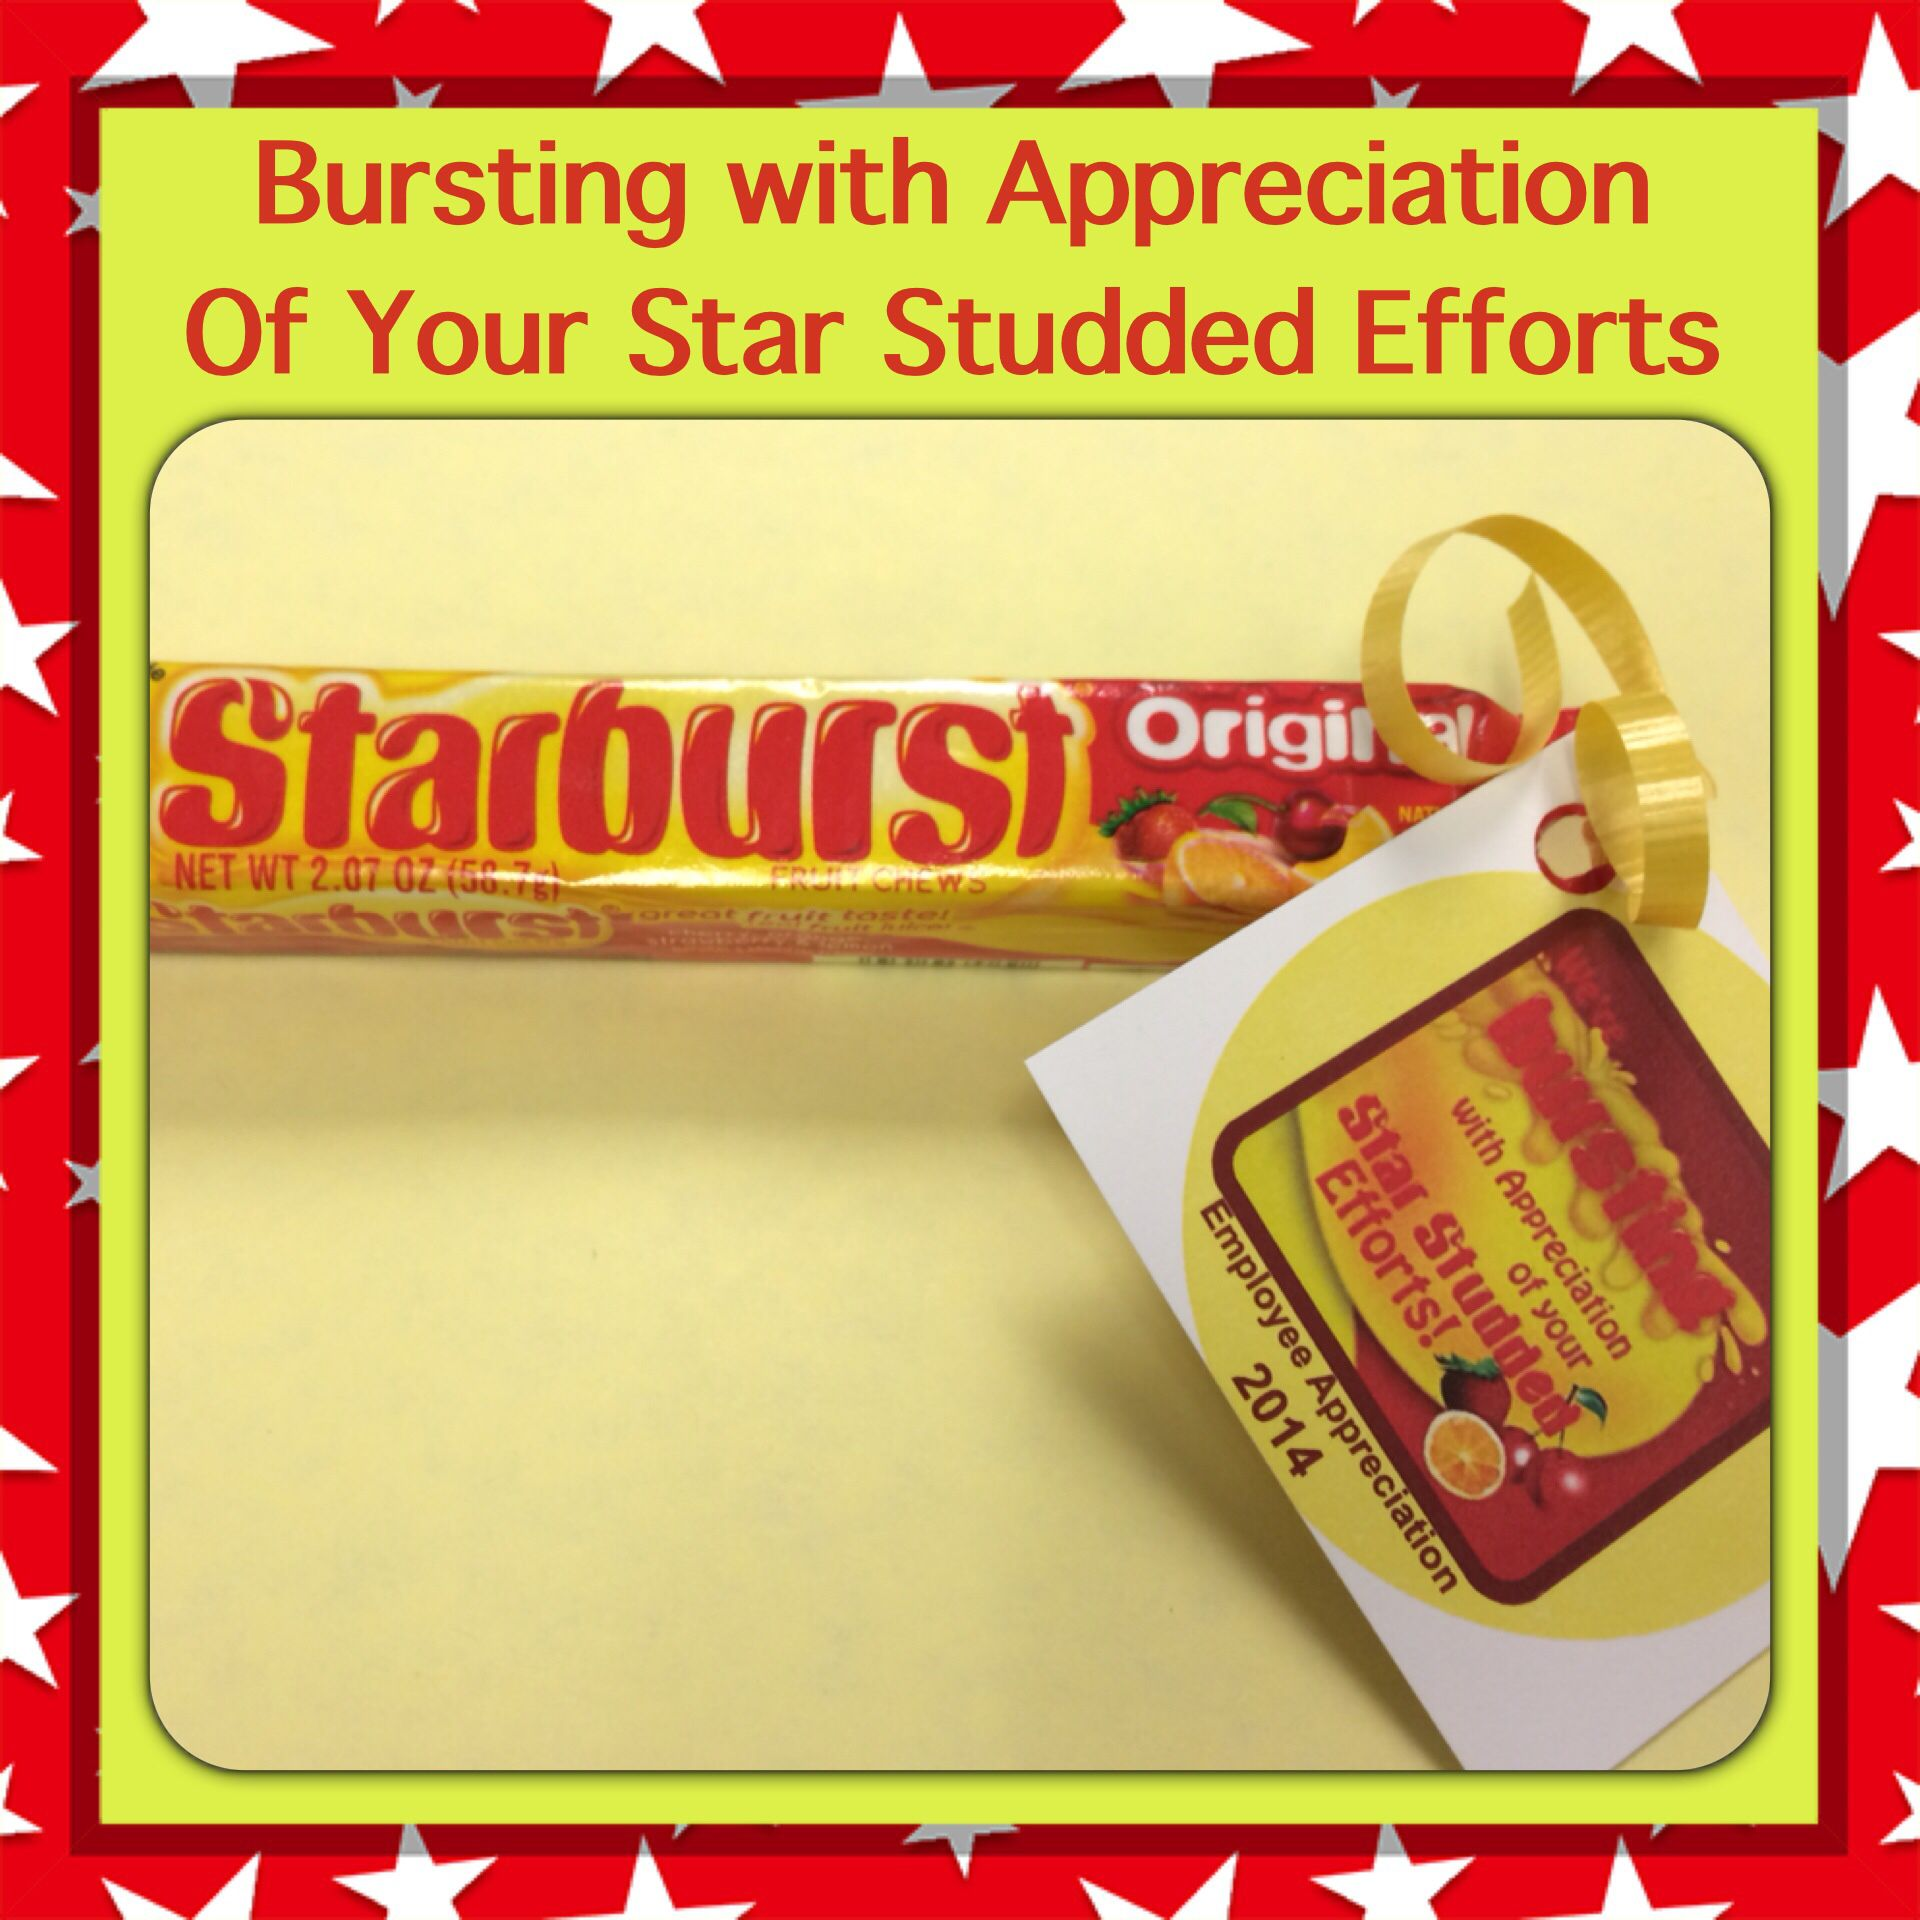 Customer Appreciation Quotes: We're Bursting With Appreciation